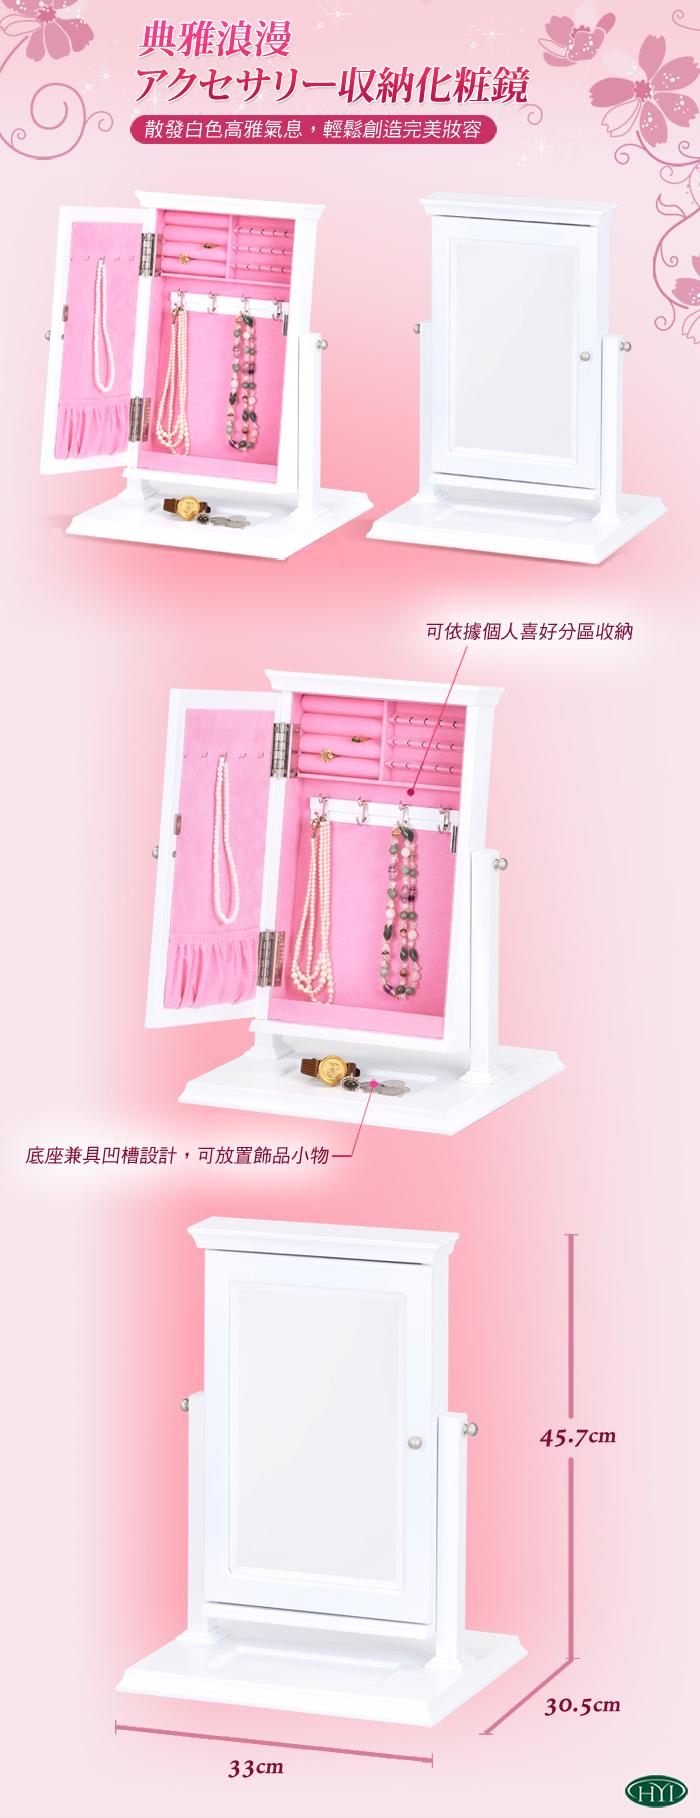 典雅飾品收納化妝鏡、收納化妝鏡、飾品收納化妝鏡